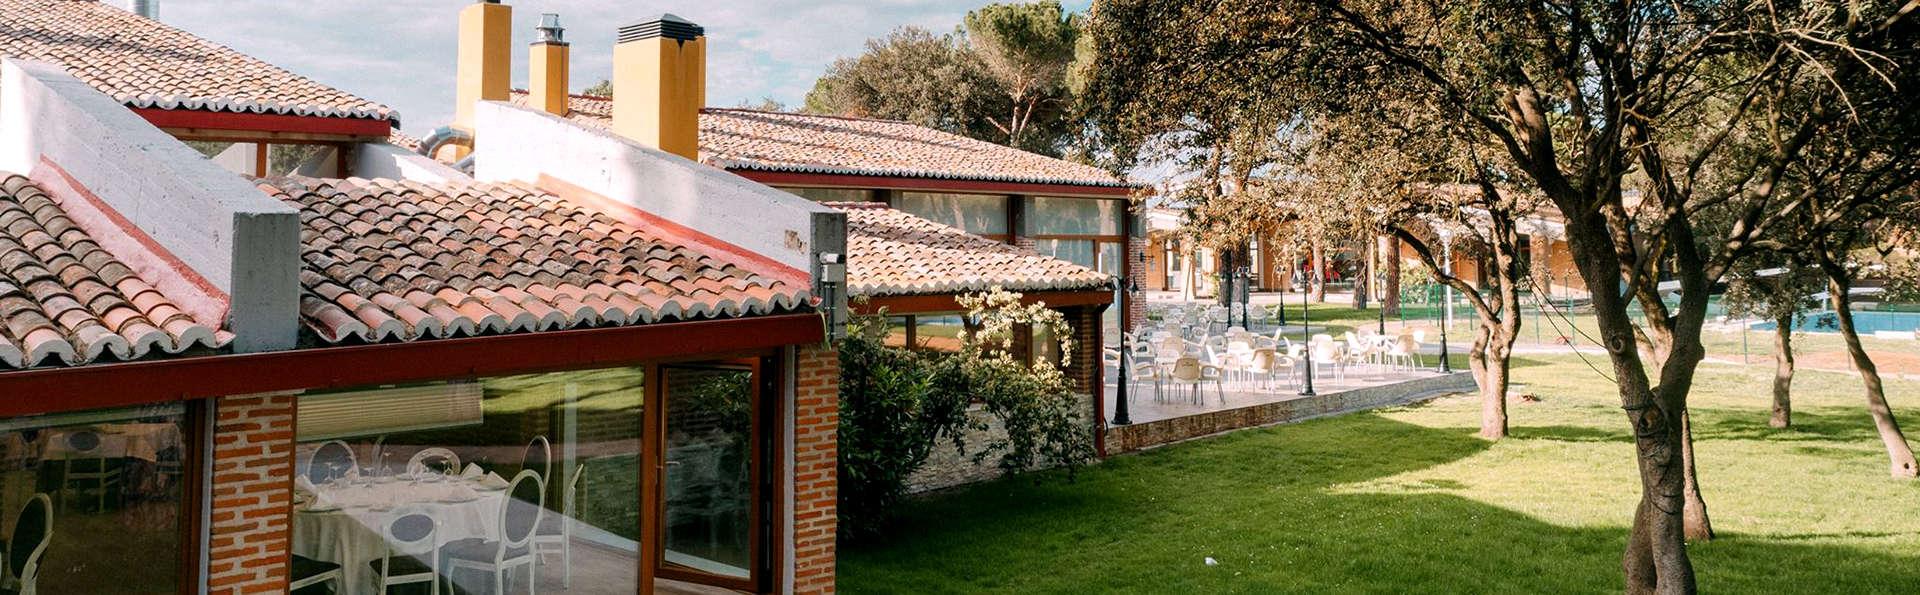 Hotel Resort El Montico - Edit_Front2.jpg